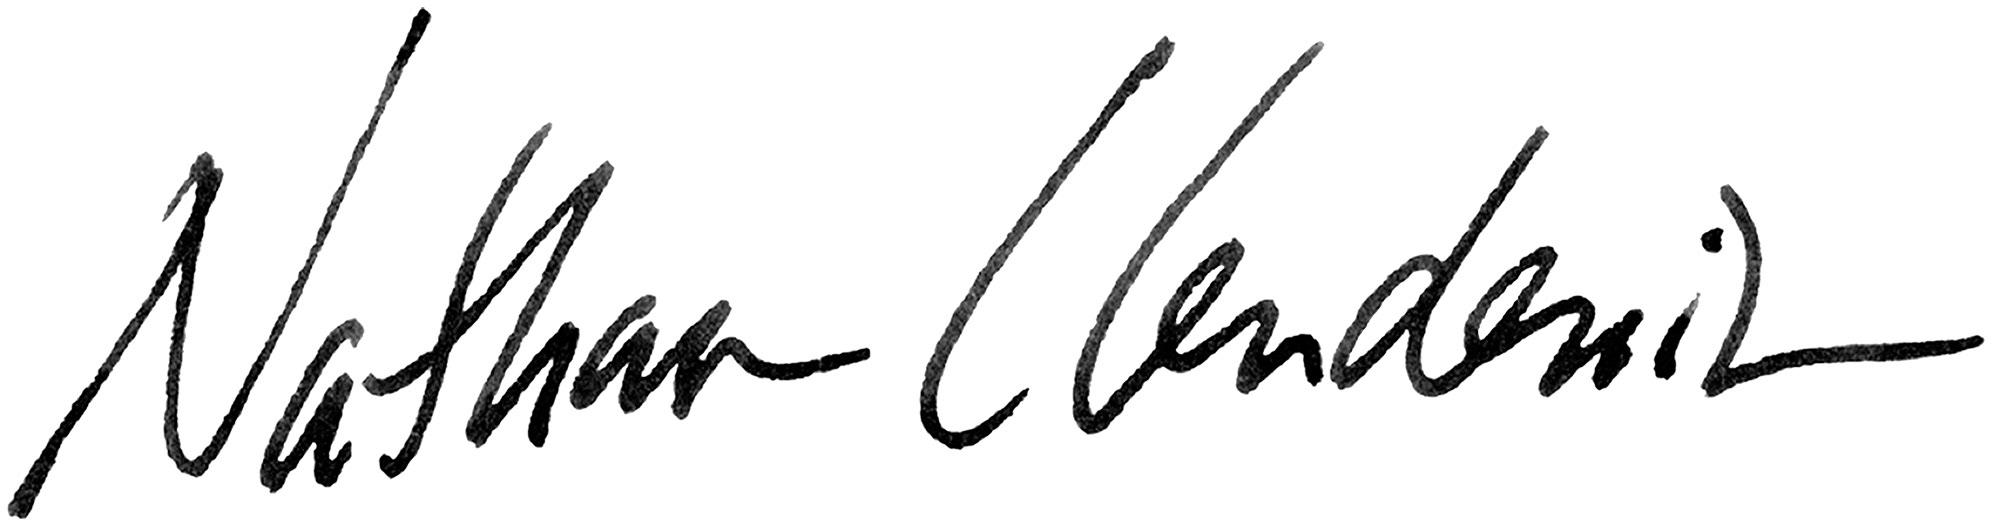 Nathan Clendenin